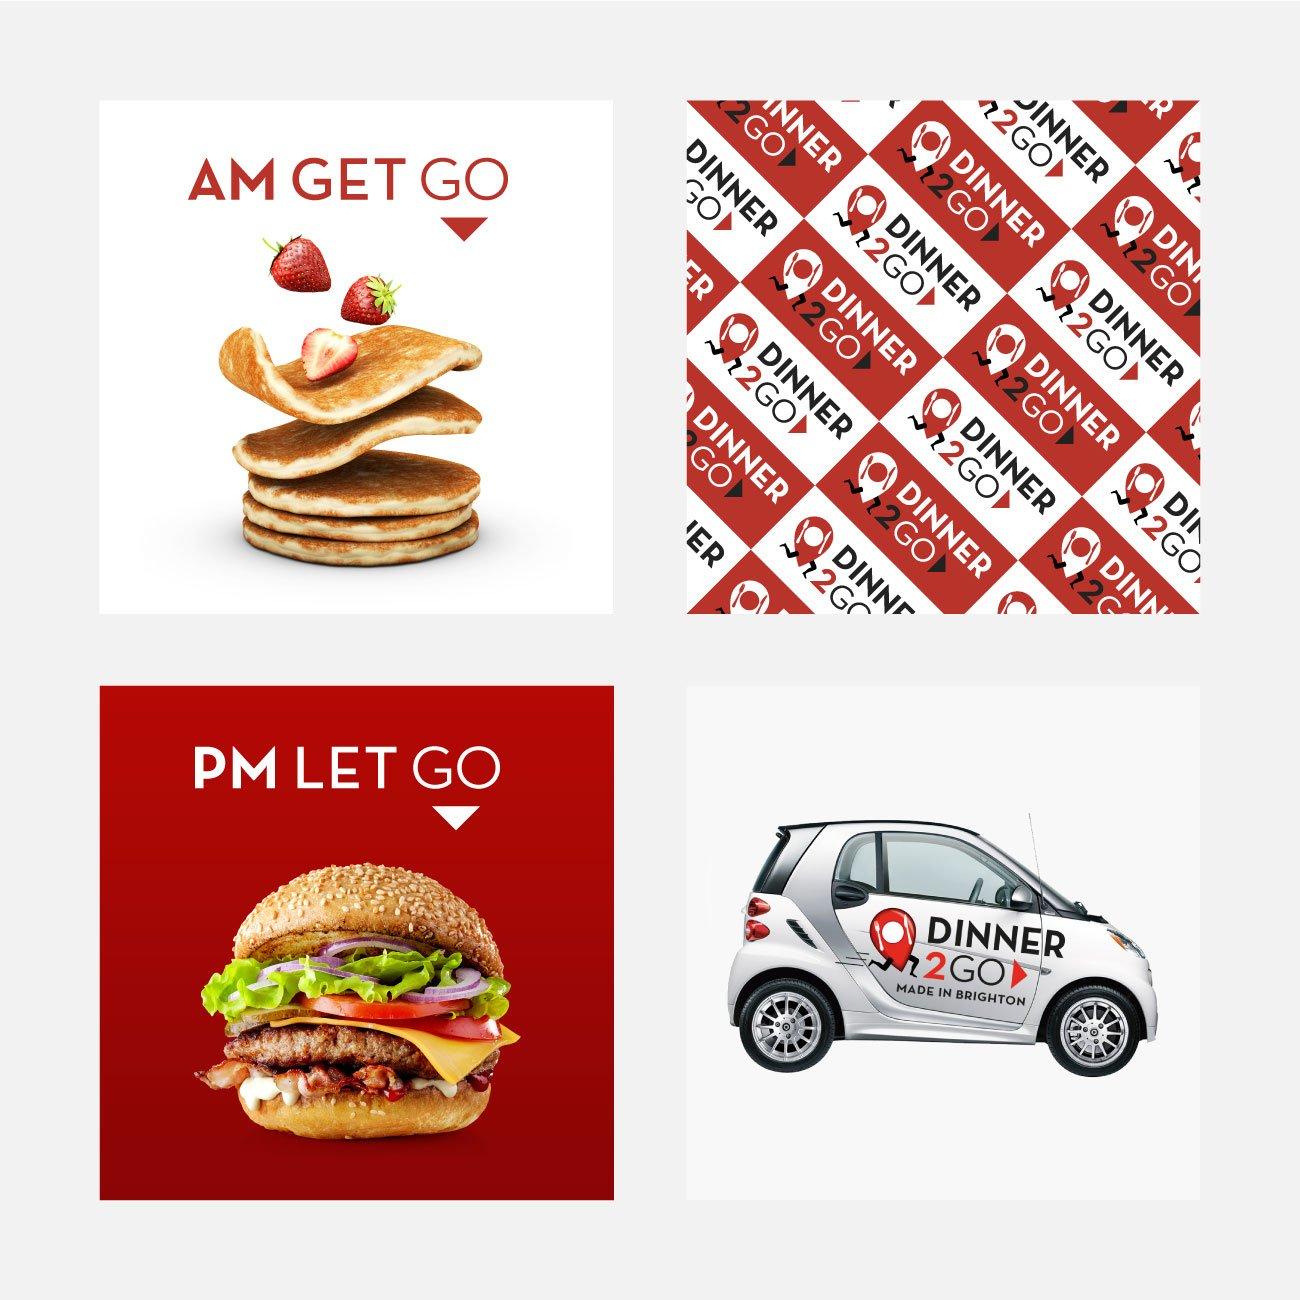 Dinner2Go Branding | John Shannon | Graphic Designer | Brighton